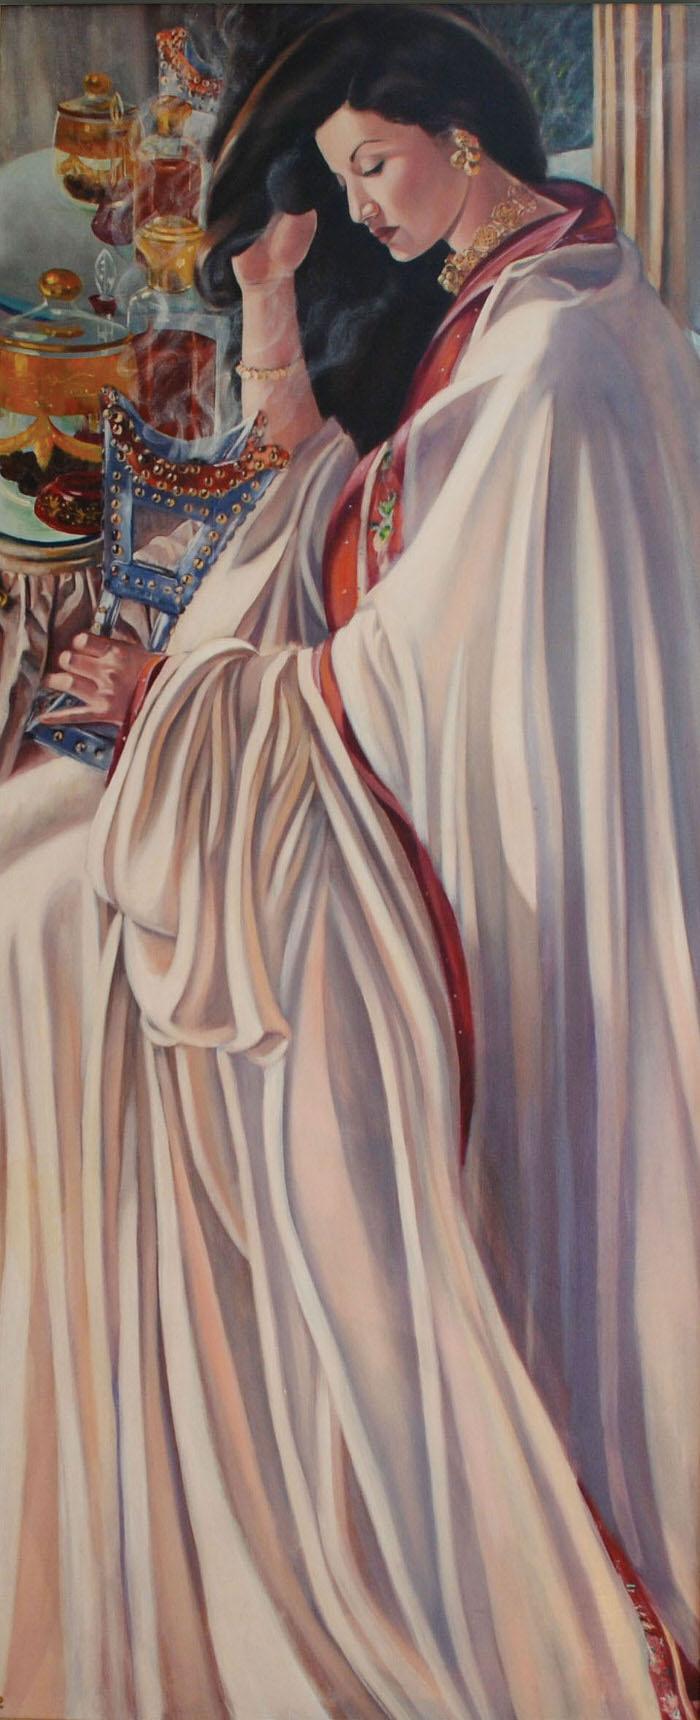 El Aroos, 1994, Oil on canvas, 197 x 90 cm